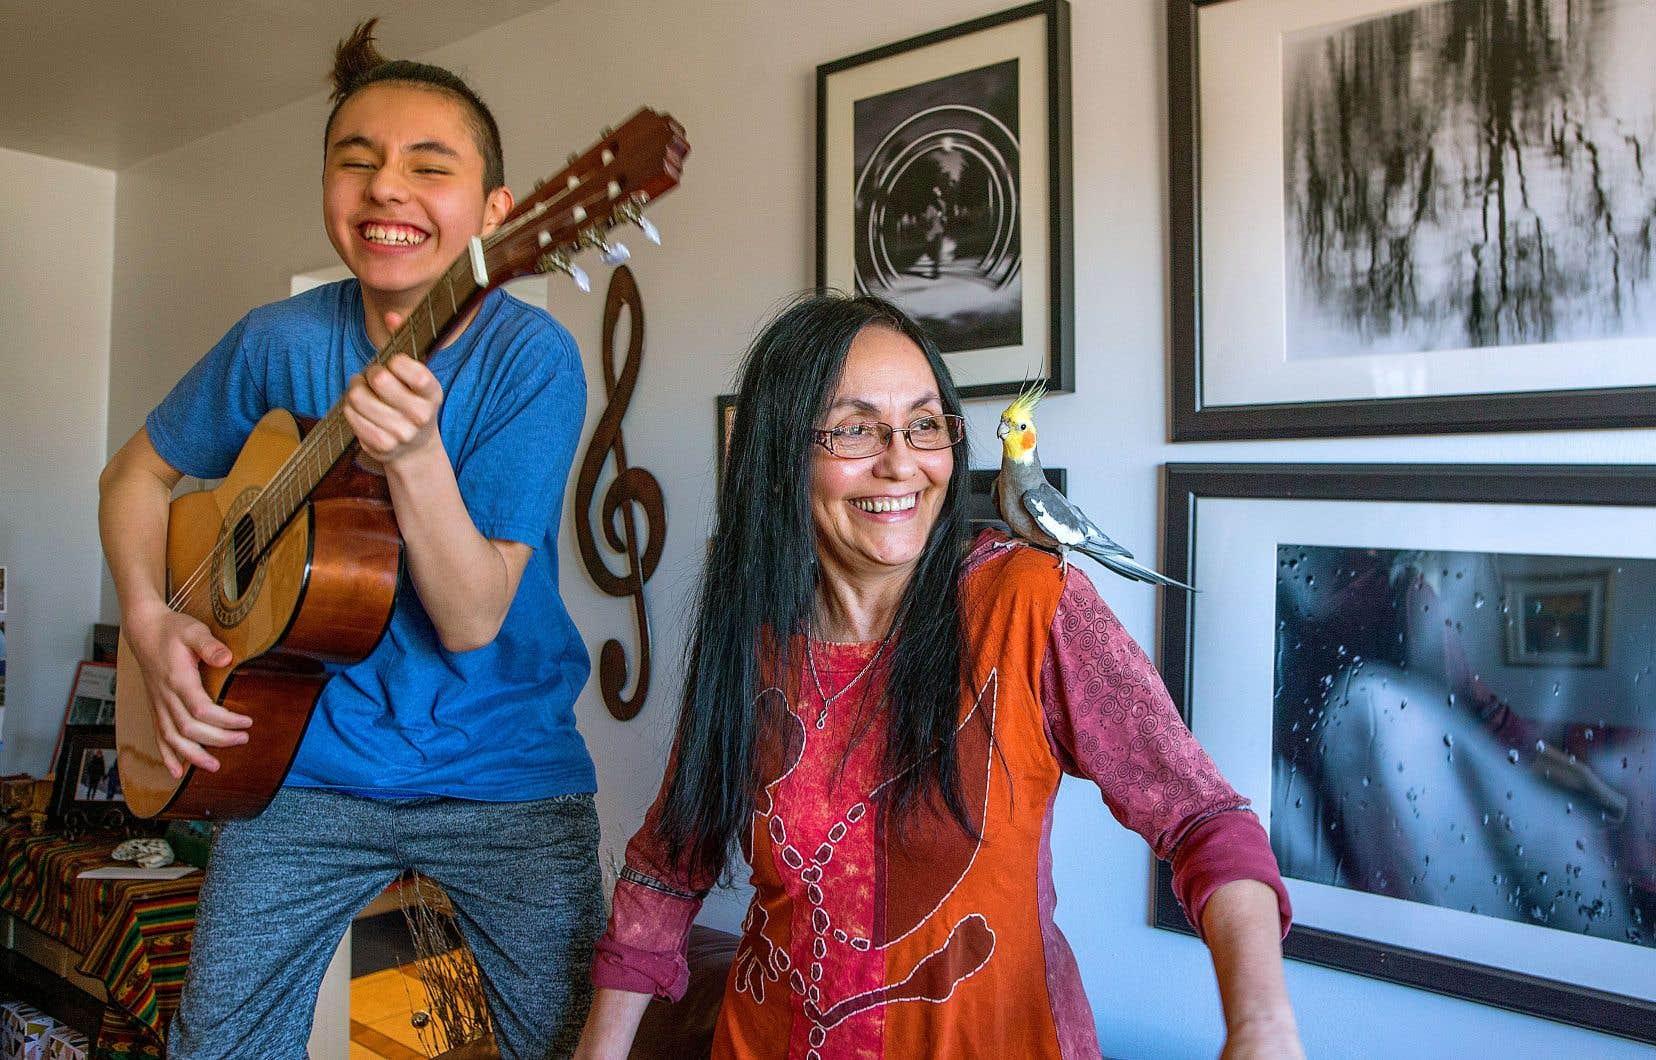 Si Lucilla Guerrero et son fils Luka semblent passer de bons moments ensemble, la mère ne s'en inquiète pas moins pour la réussite scolaire de son enfant.